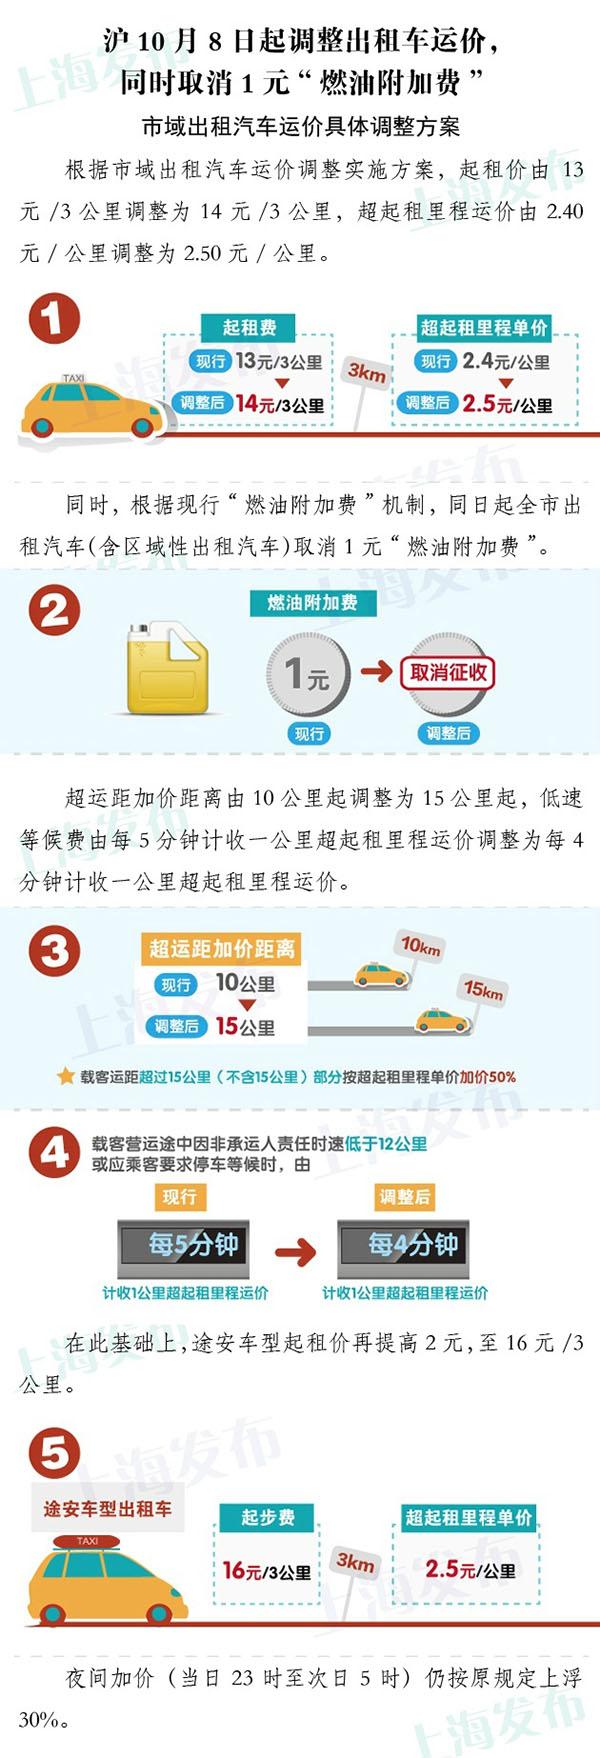 10月8日起上海出租车起步价涨到14元,取消1元燃油费